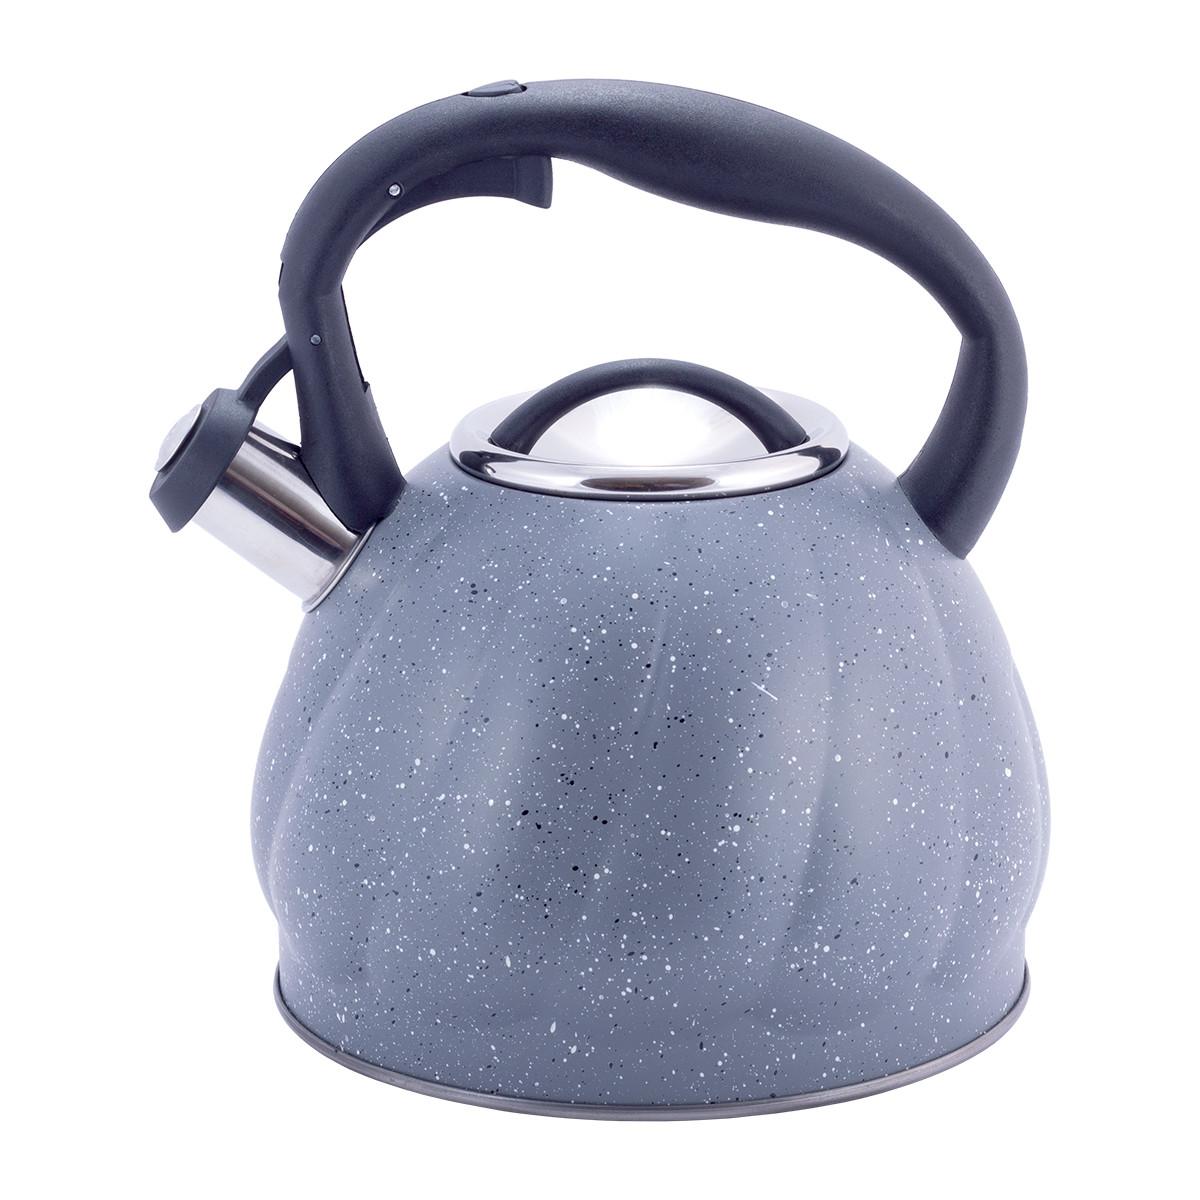 Чайник Kamille 3 л из нержавеющей стали со свистком, бакелитовая ручка, для всех видов плит